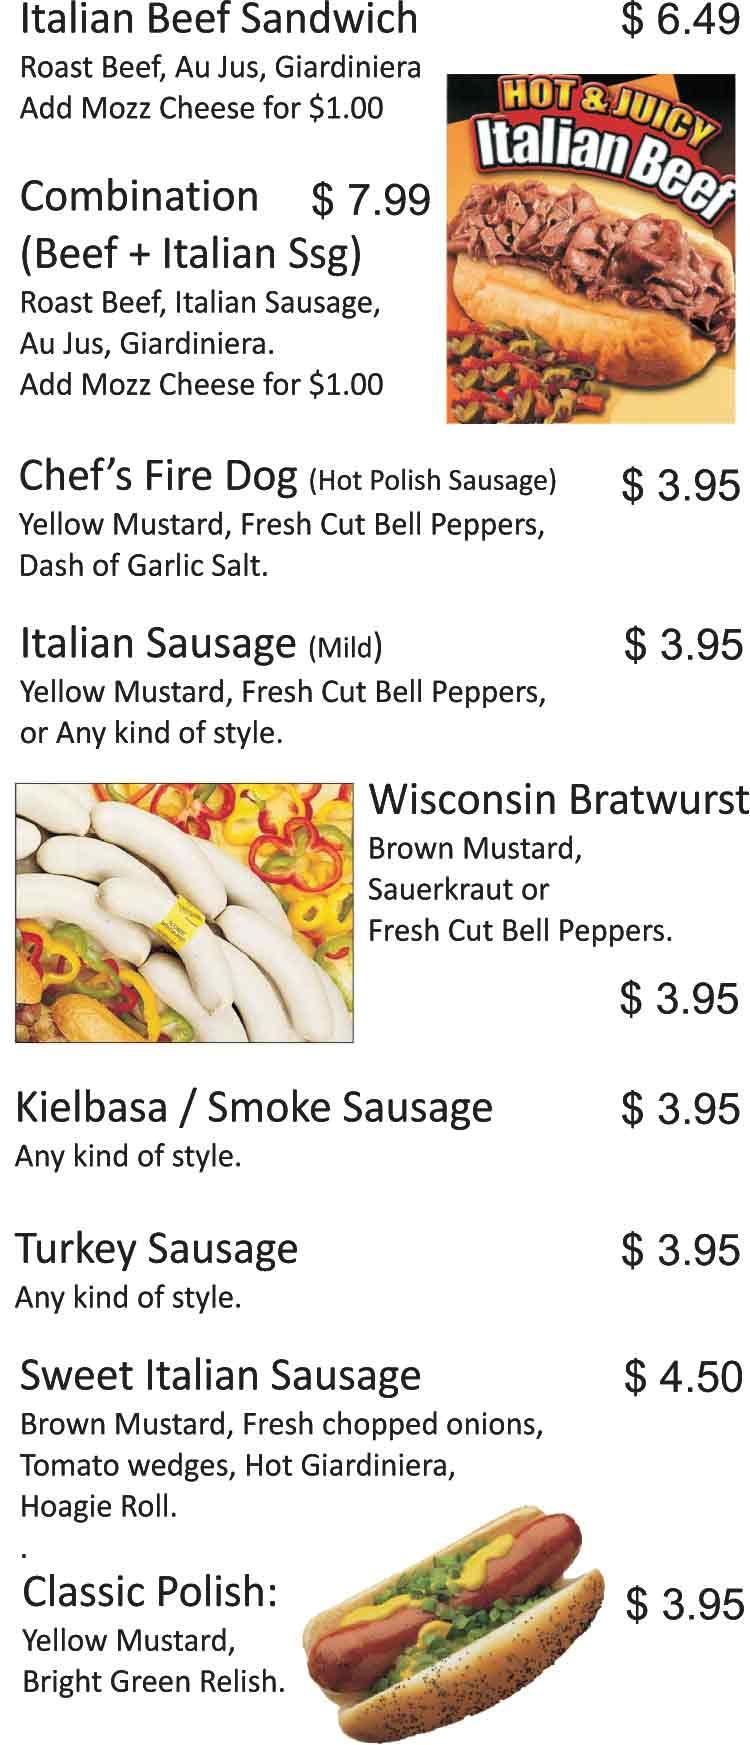 JKs Chicago Hot Dogs  Beef Sandwiches Restaurant Menu San Antonio